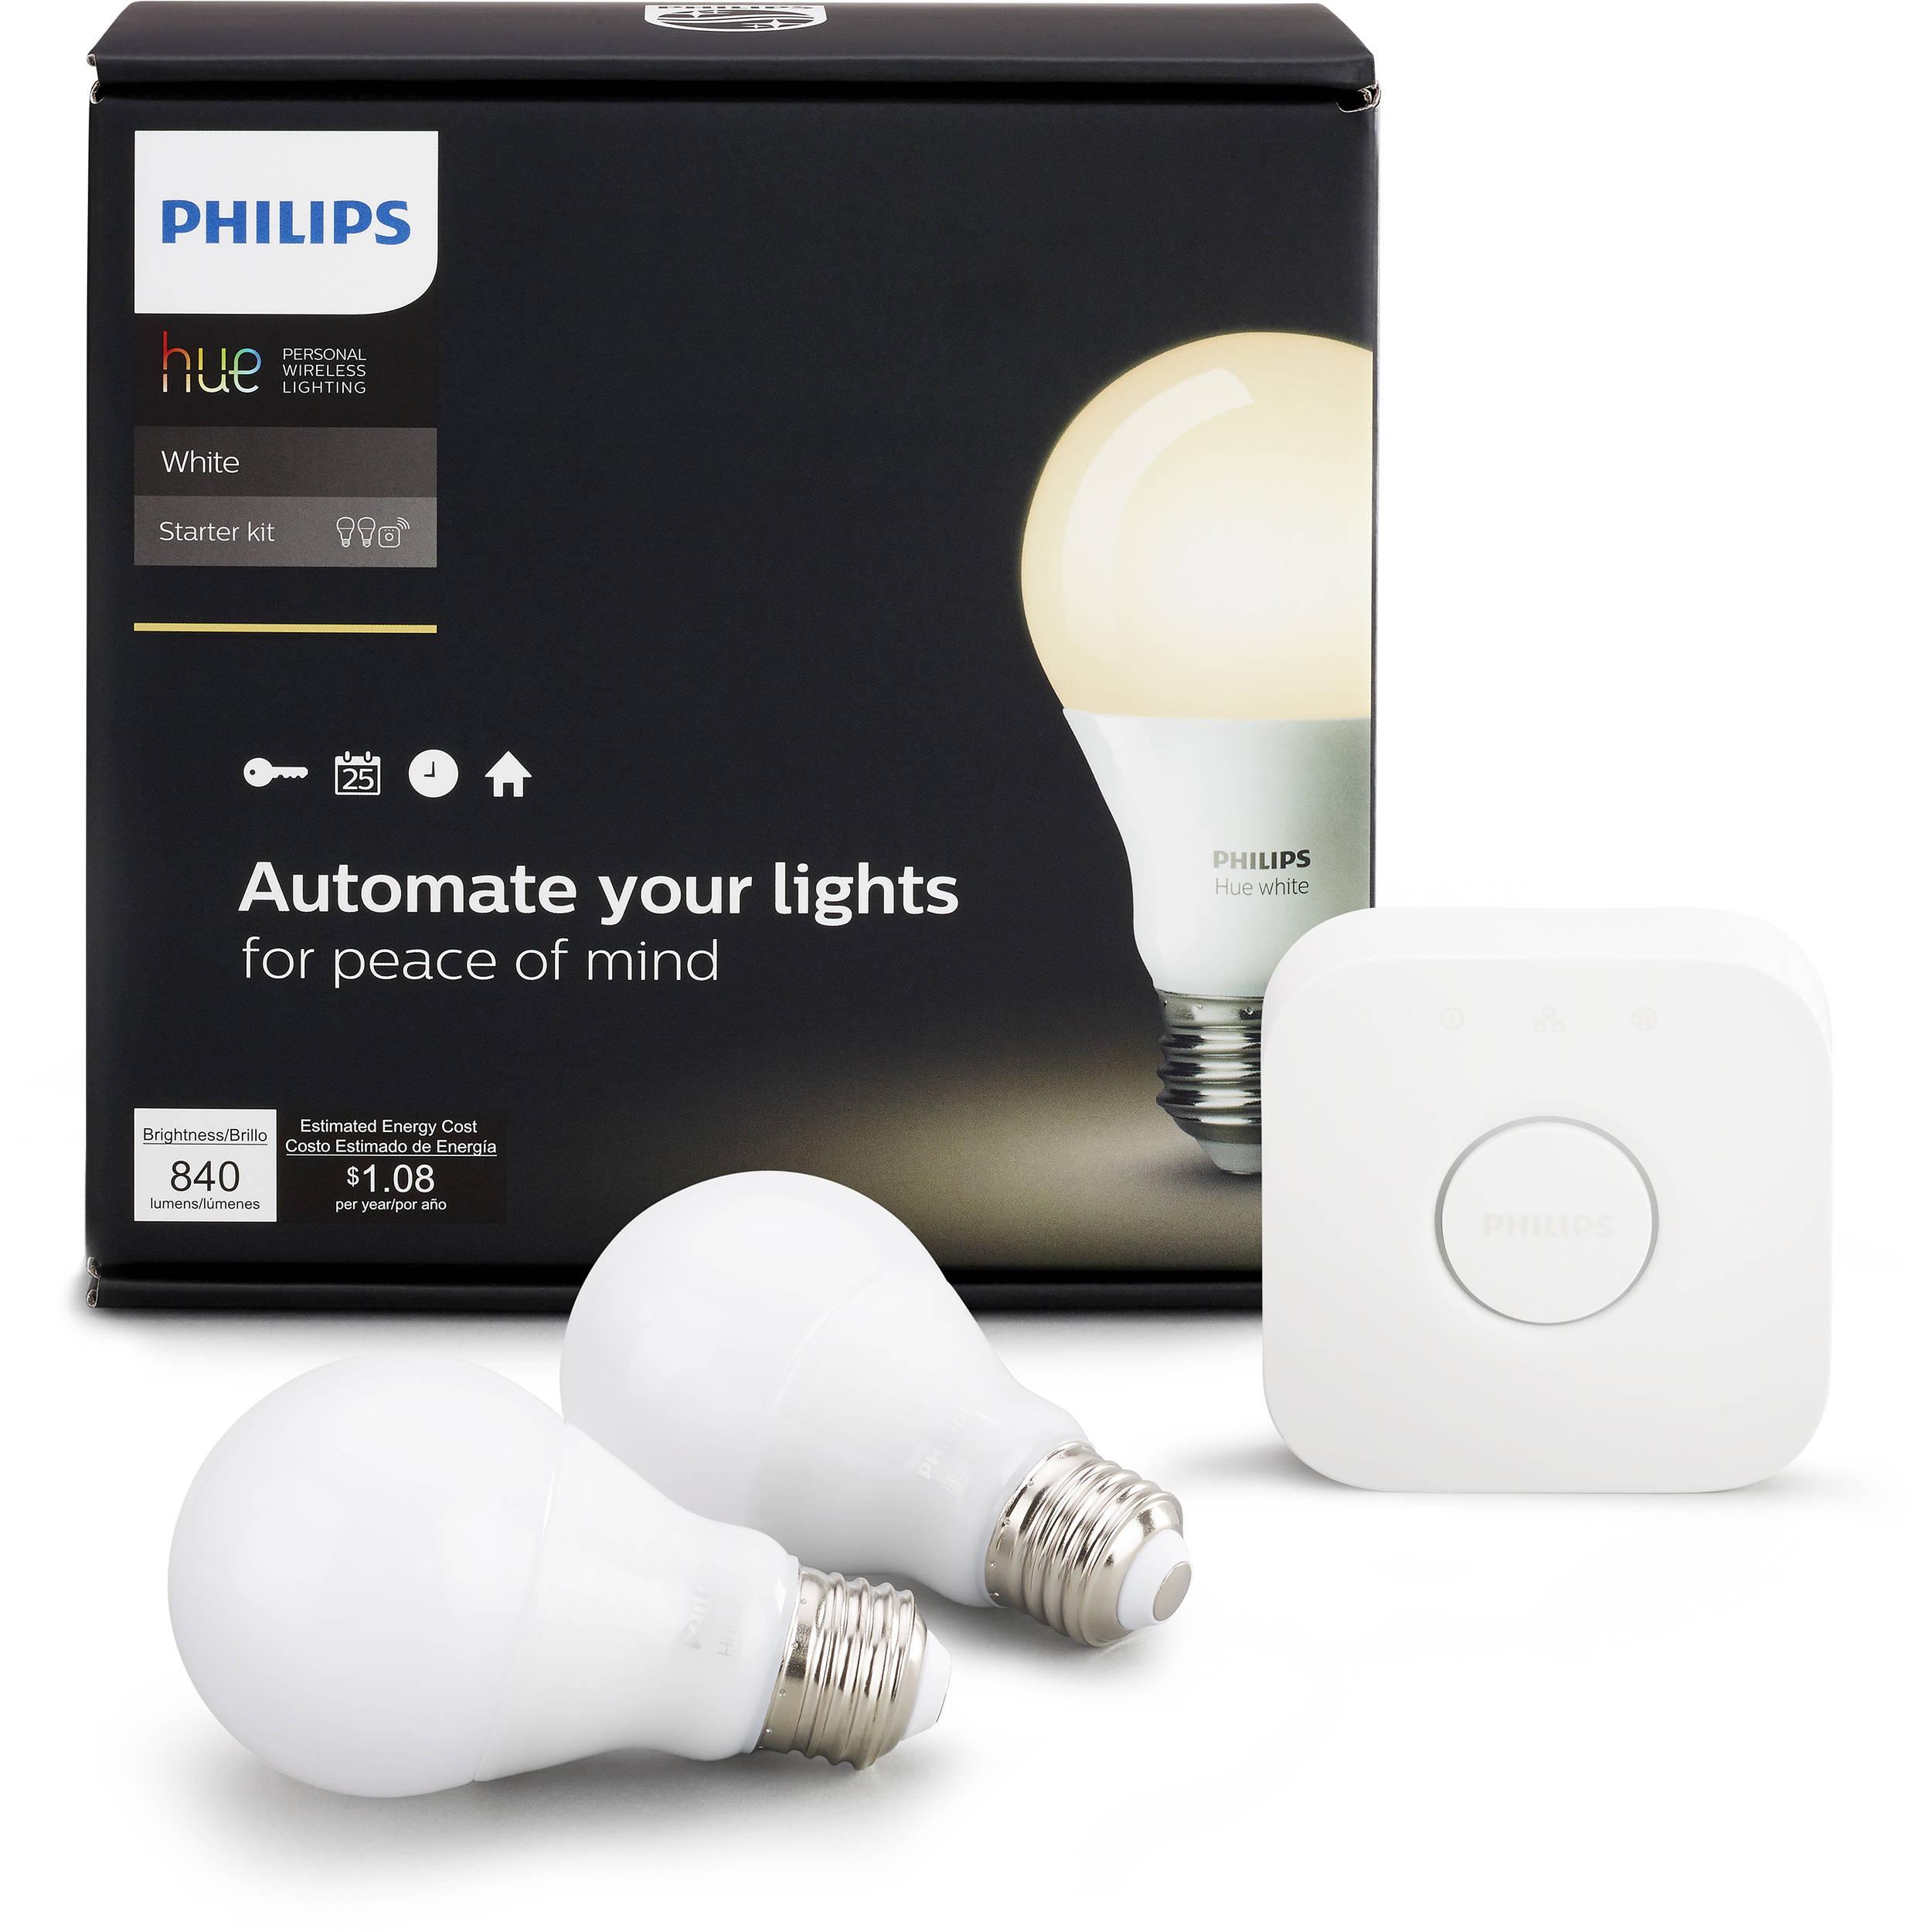 Philips Hue A19 Starter Kit (White, 2-Pack)